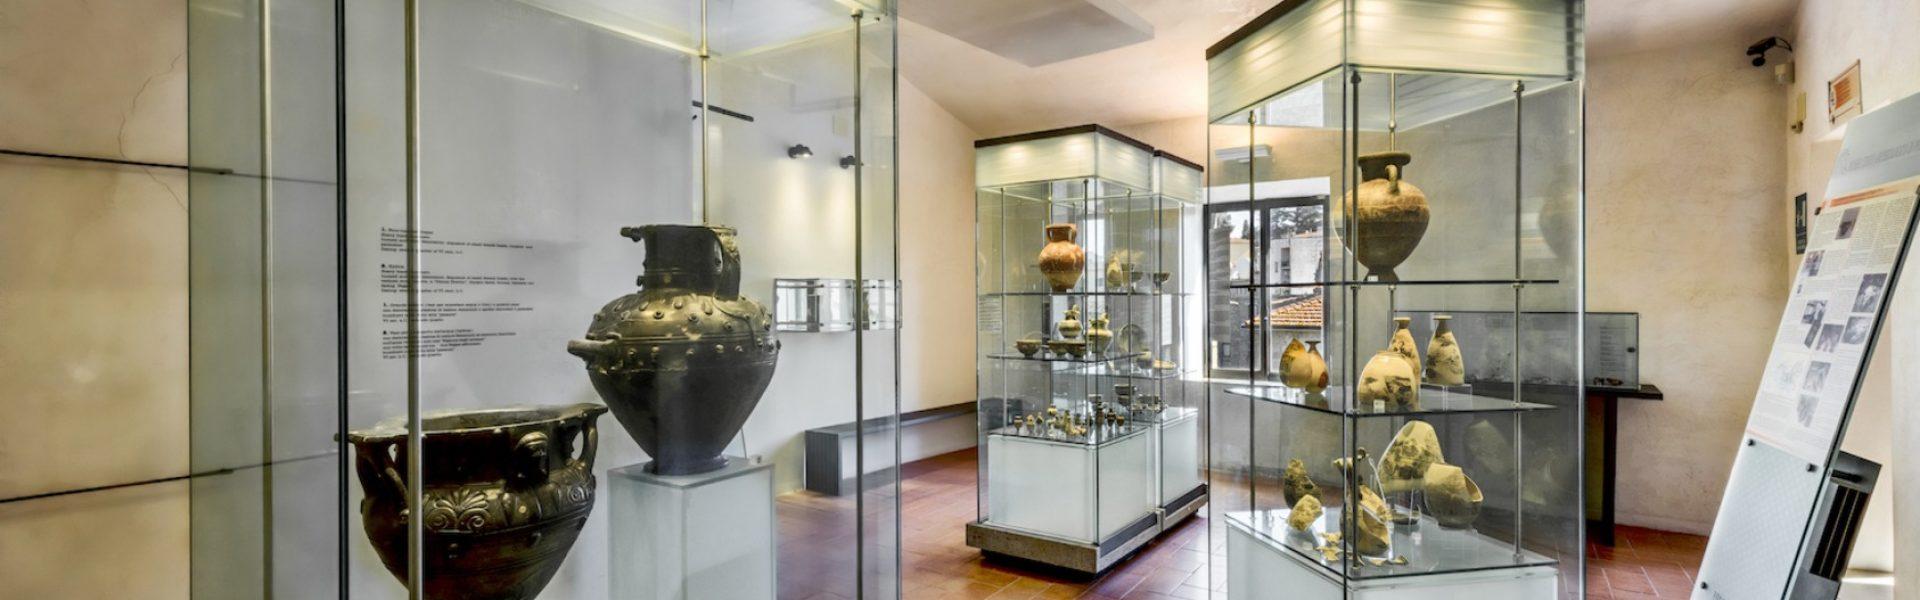 museo civico archeologico pitigliano